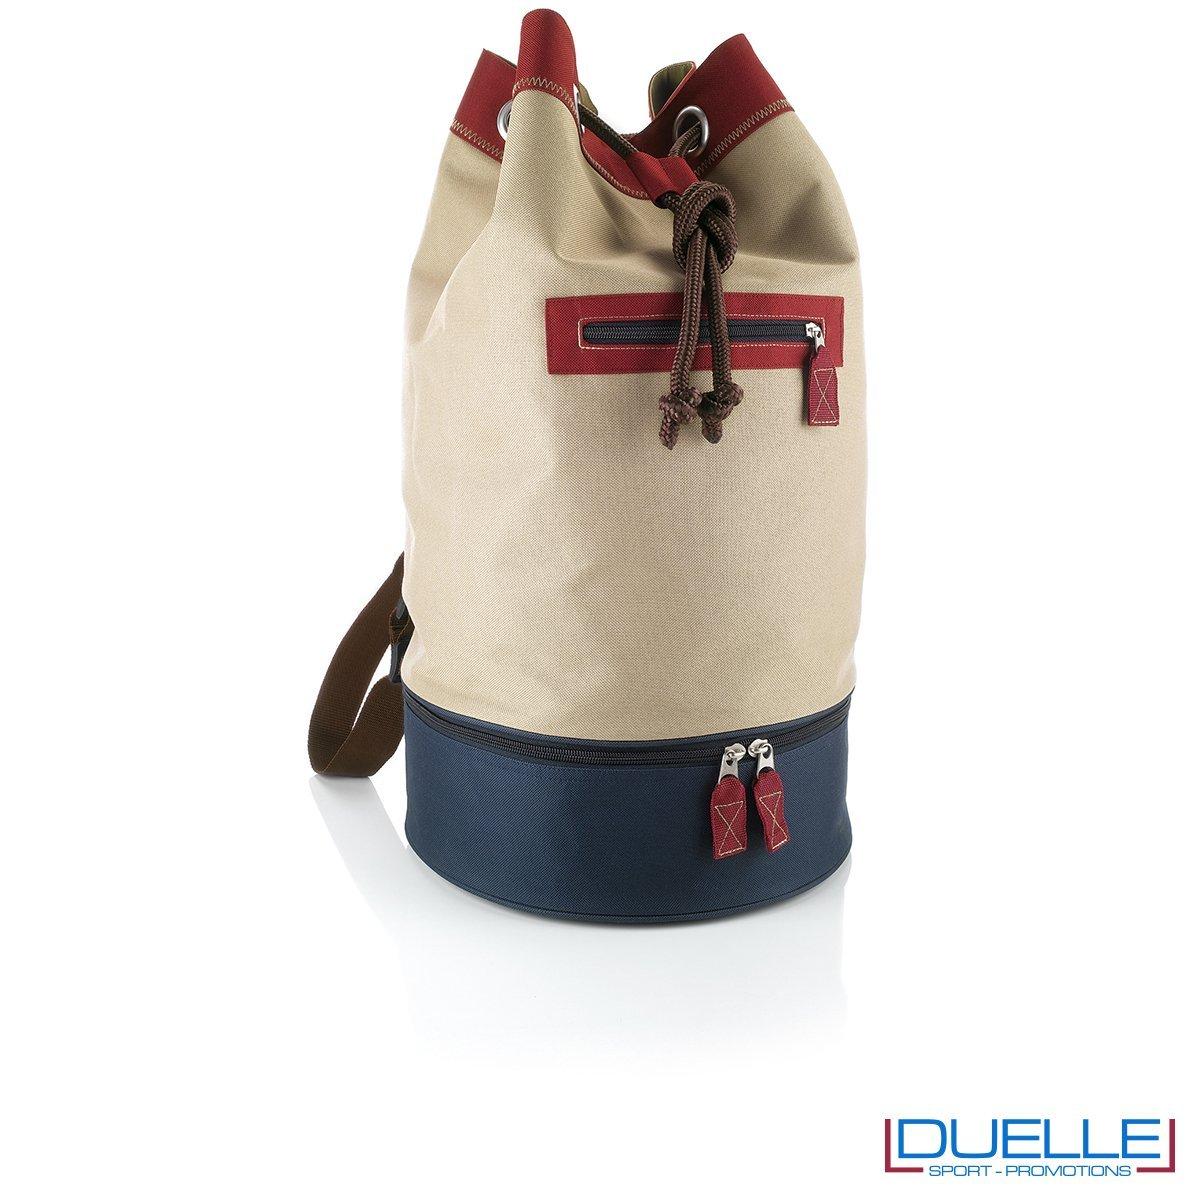 sacche mare personalizzate beige e rossa, zaini mare personalizzabili retrò